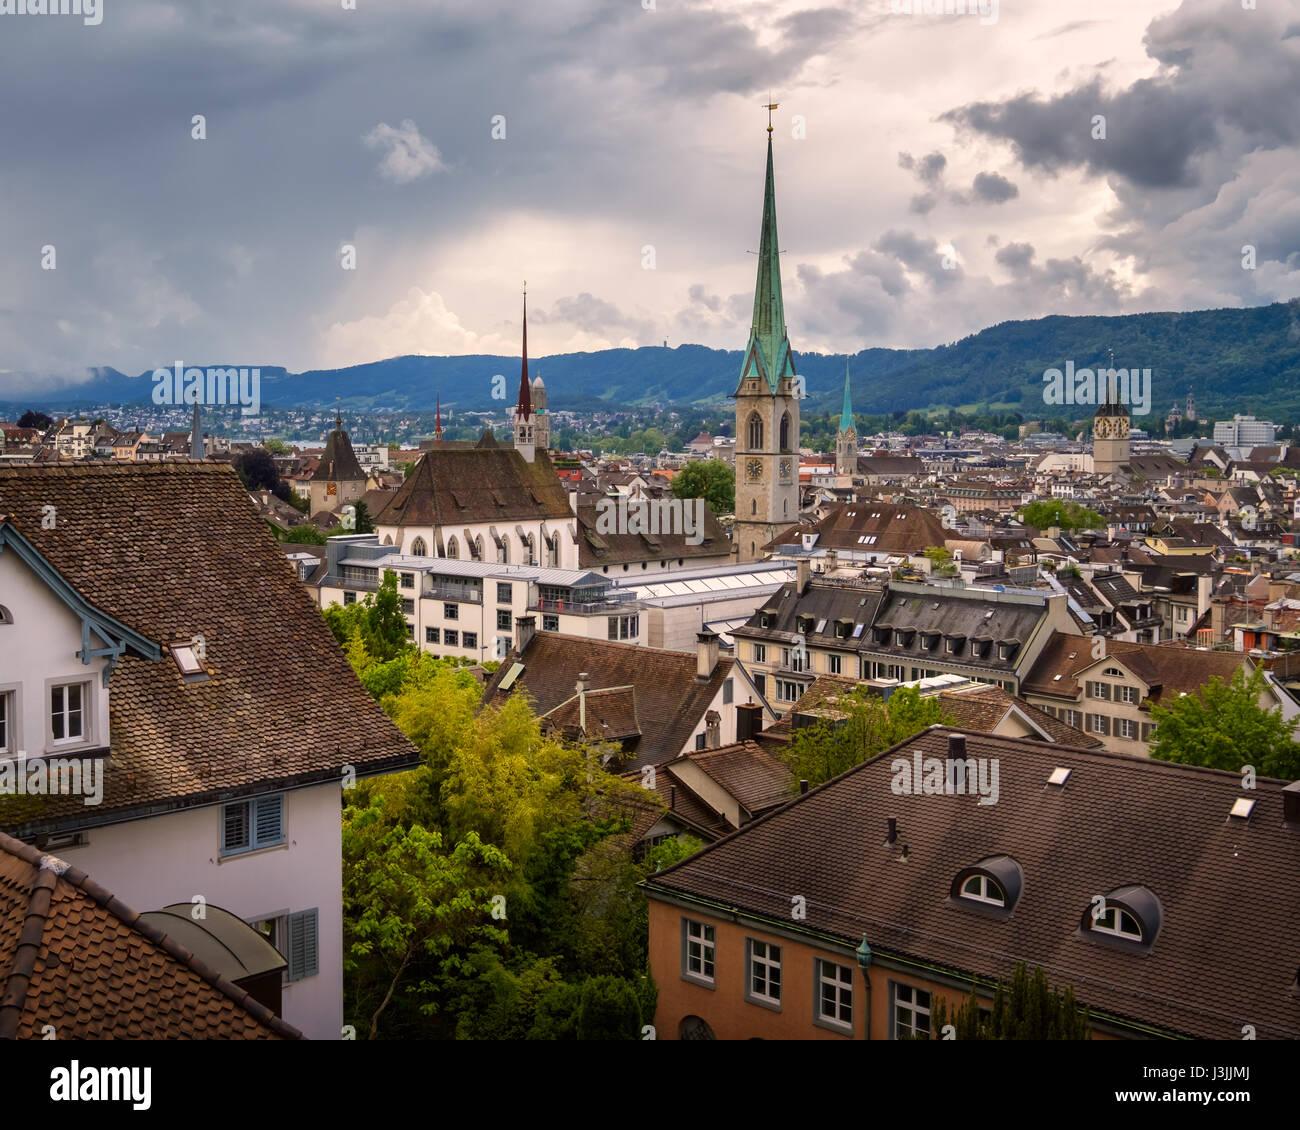 Aerial View of Zurich Skyline from University Vantage Point, Zurich, Switzerland - Stock Image